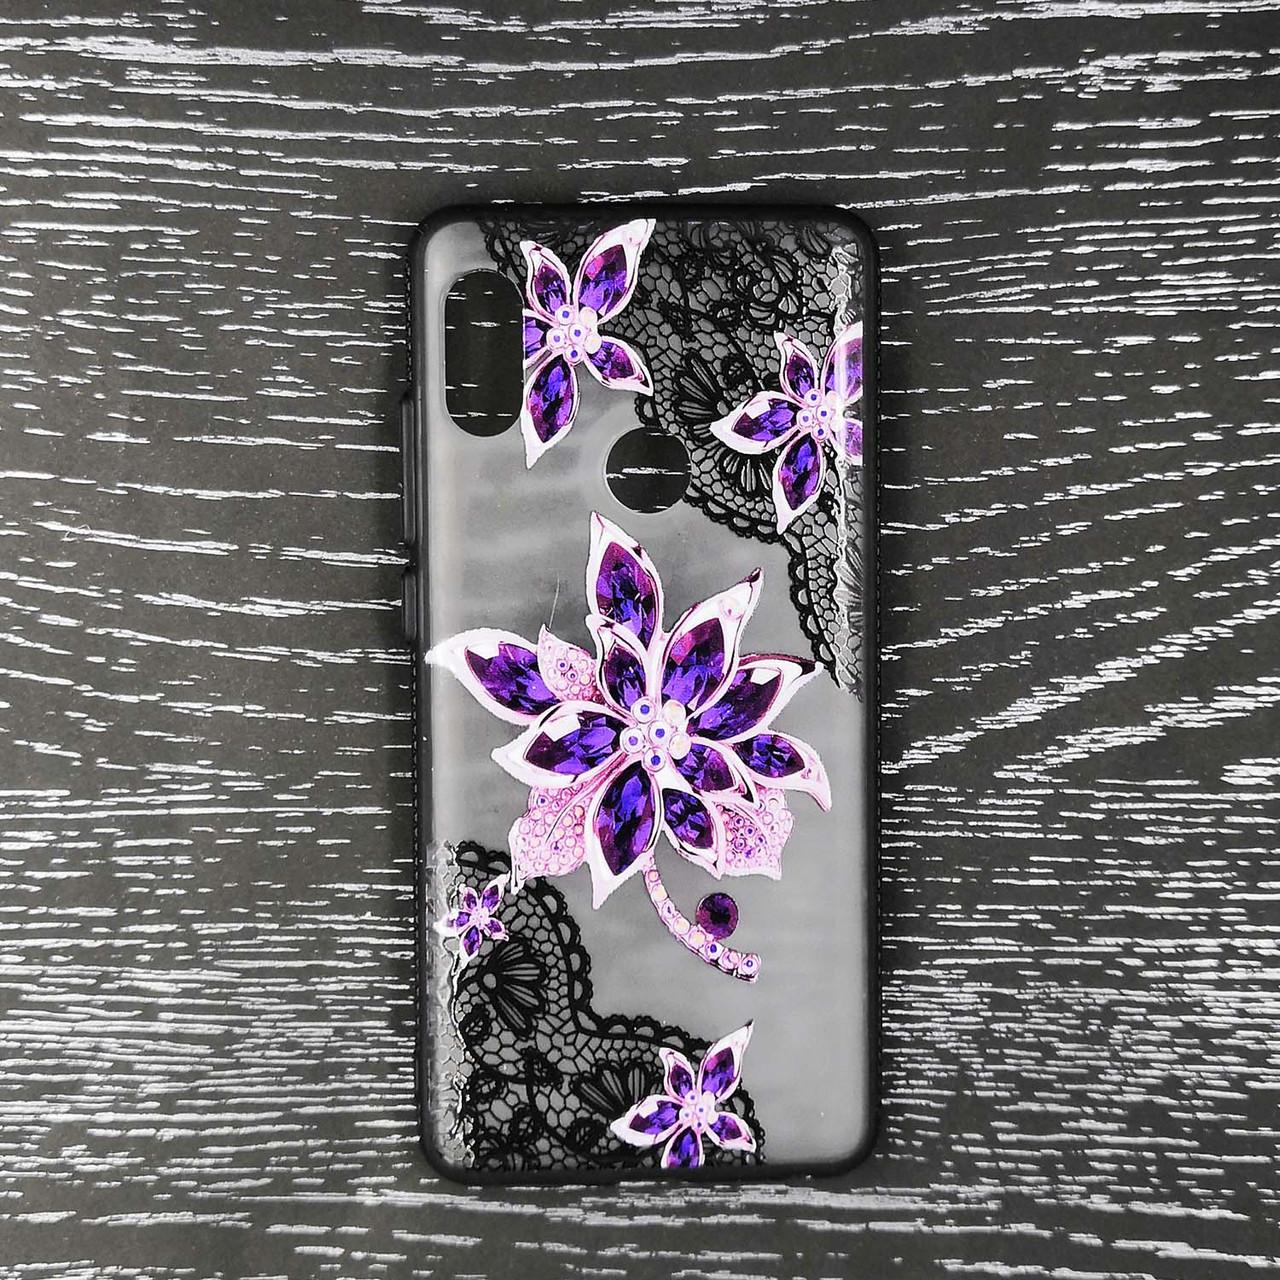 Чехол накладка для Xiaomi Redmi Note 5 Pro | Xiaomi Redmi Note 5 силиконовый Rock Series, Фиолетовый цветок